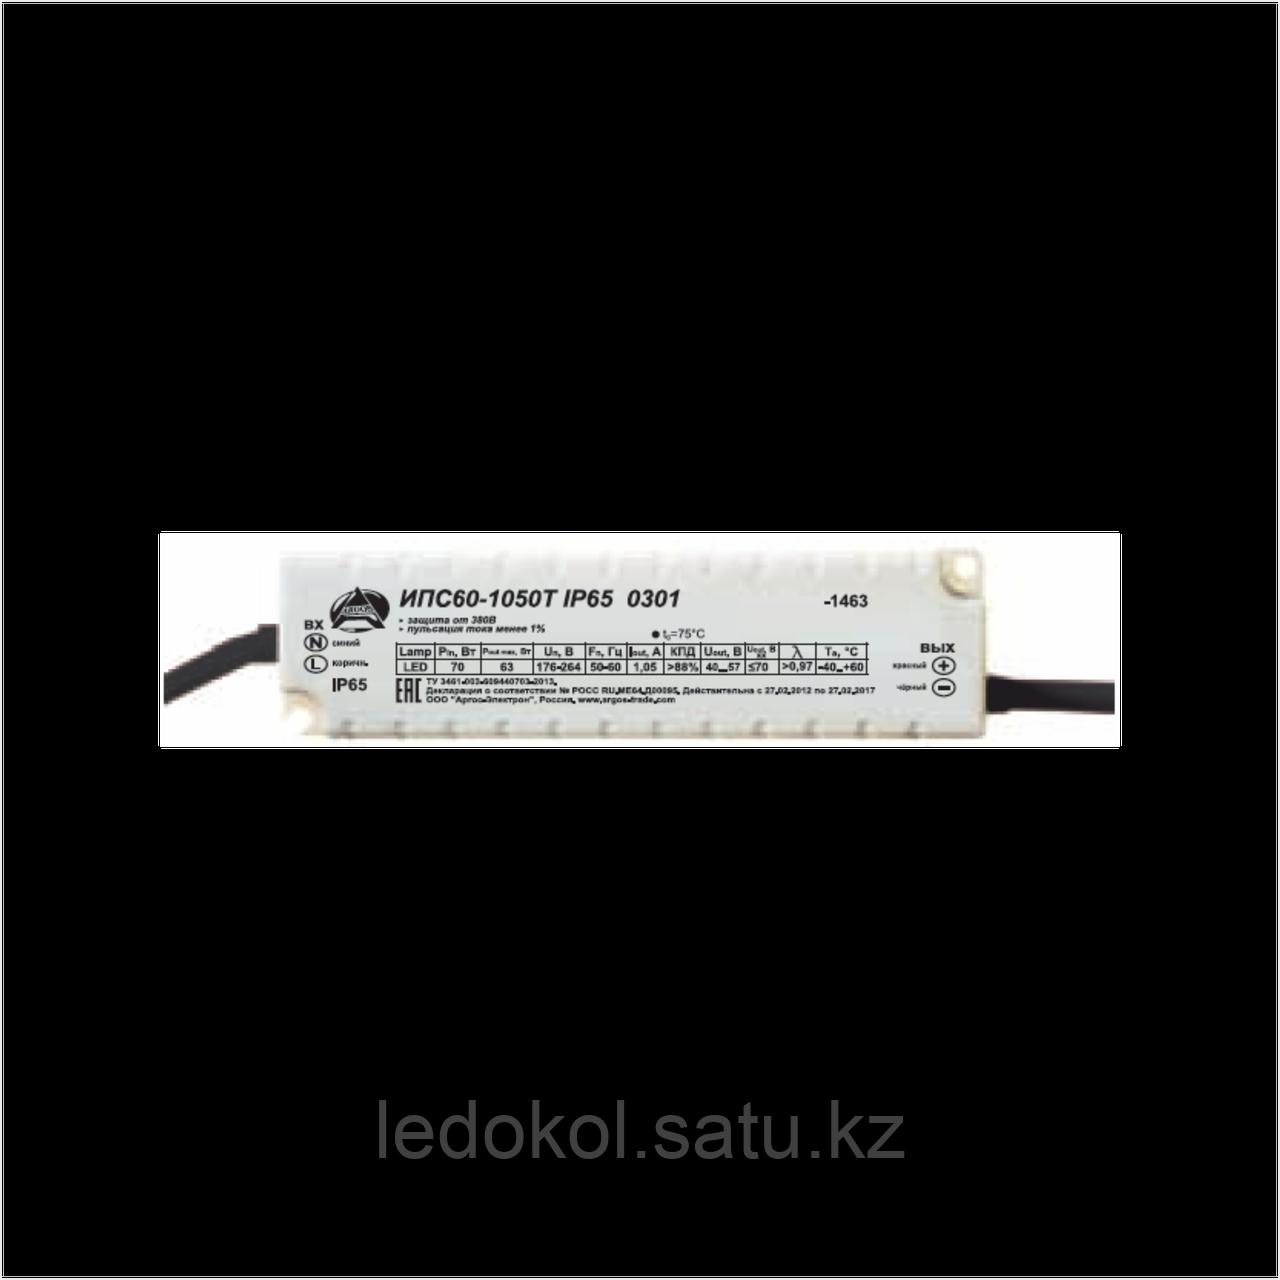 Источник питания Аргос ИПС60-1050Т IP67 0301